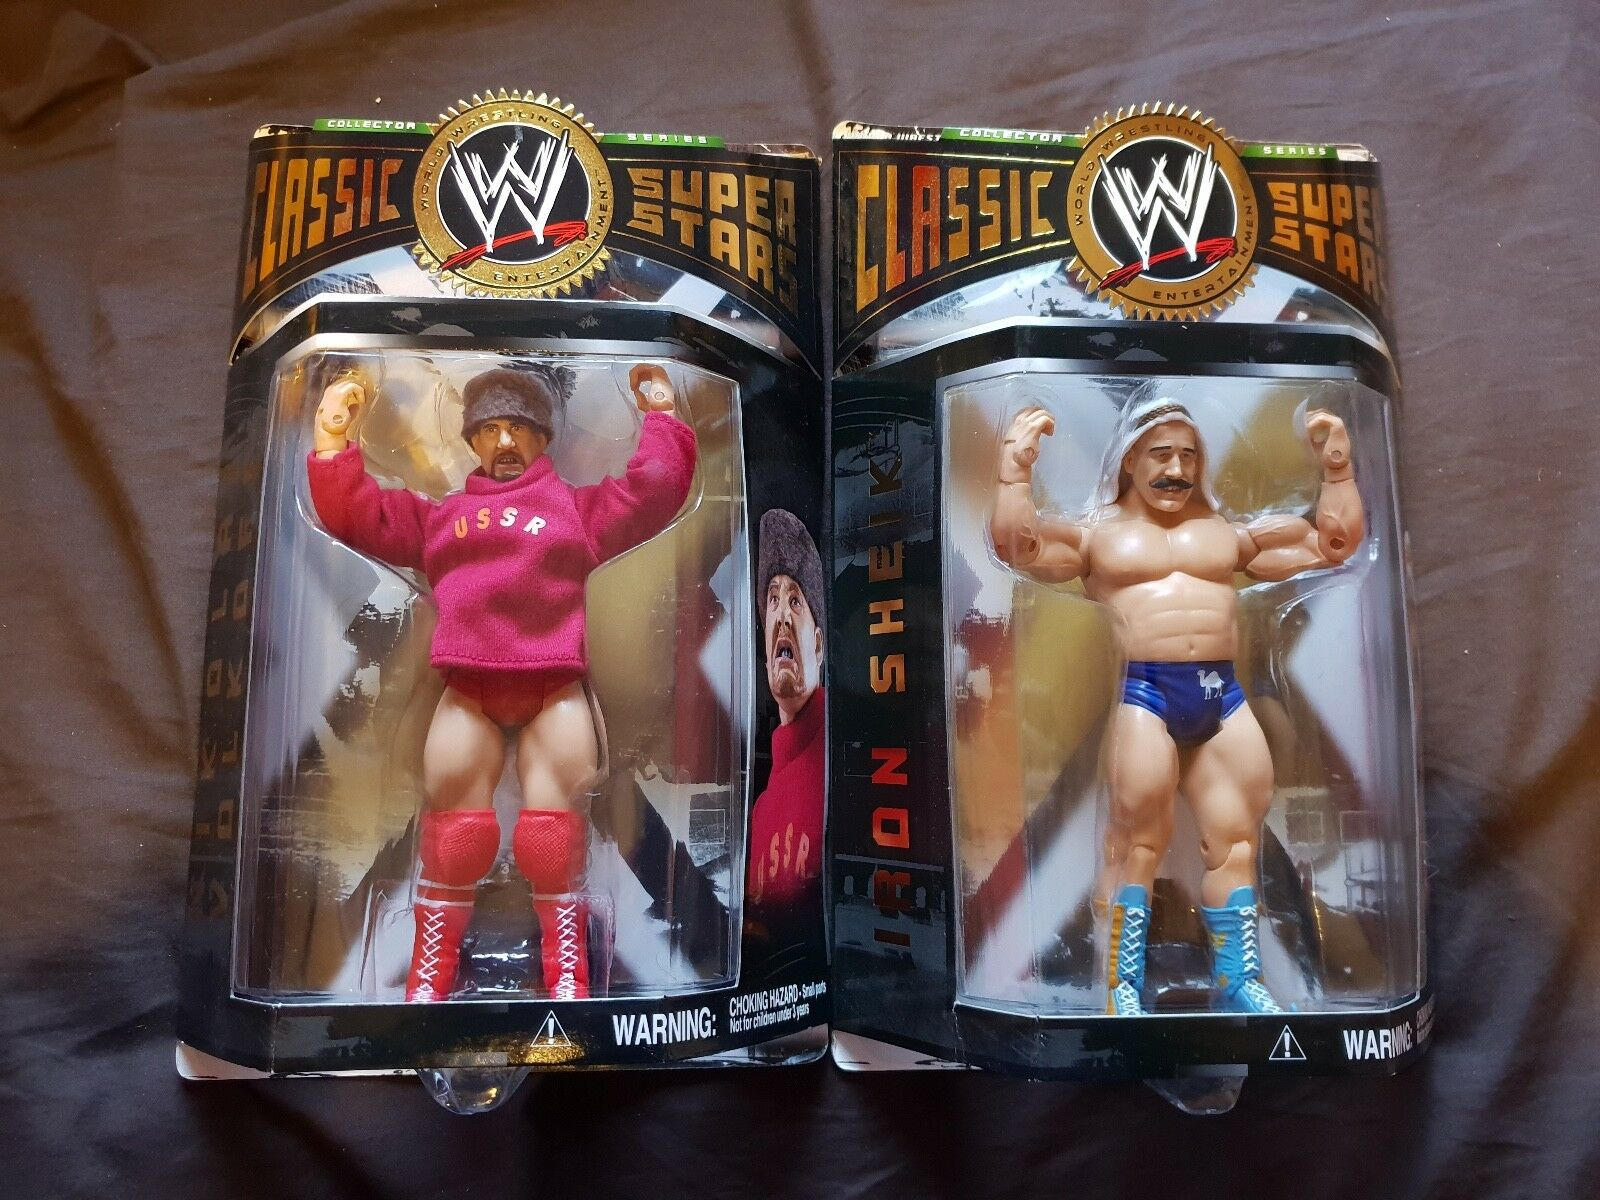 IRON SHEIK & NIKOLAI VOLKOFF WWE Classic Super Stars Figures Jakks WWF NEW MOC